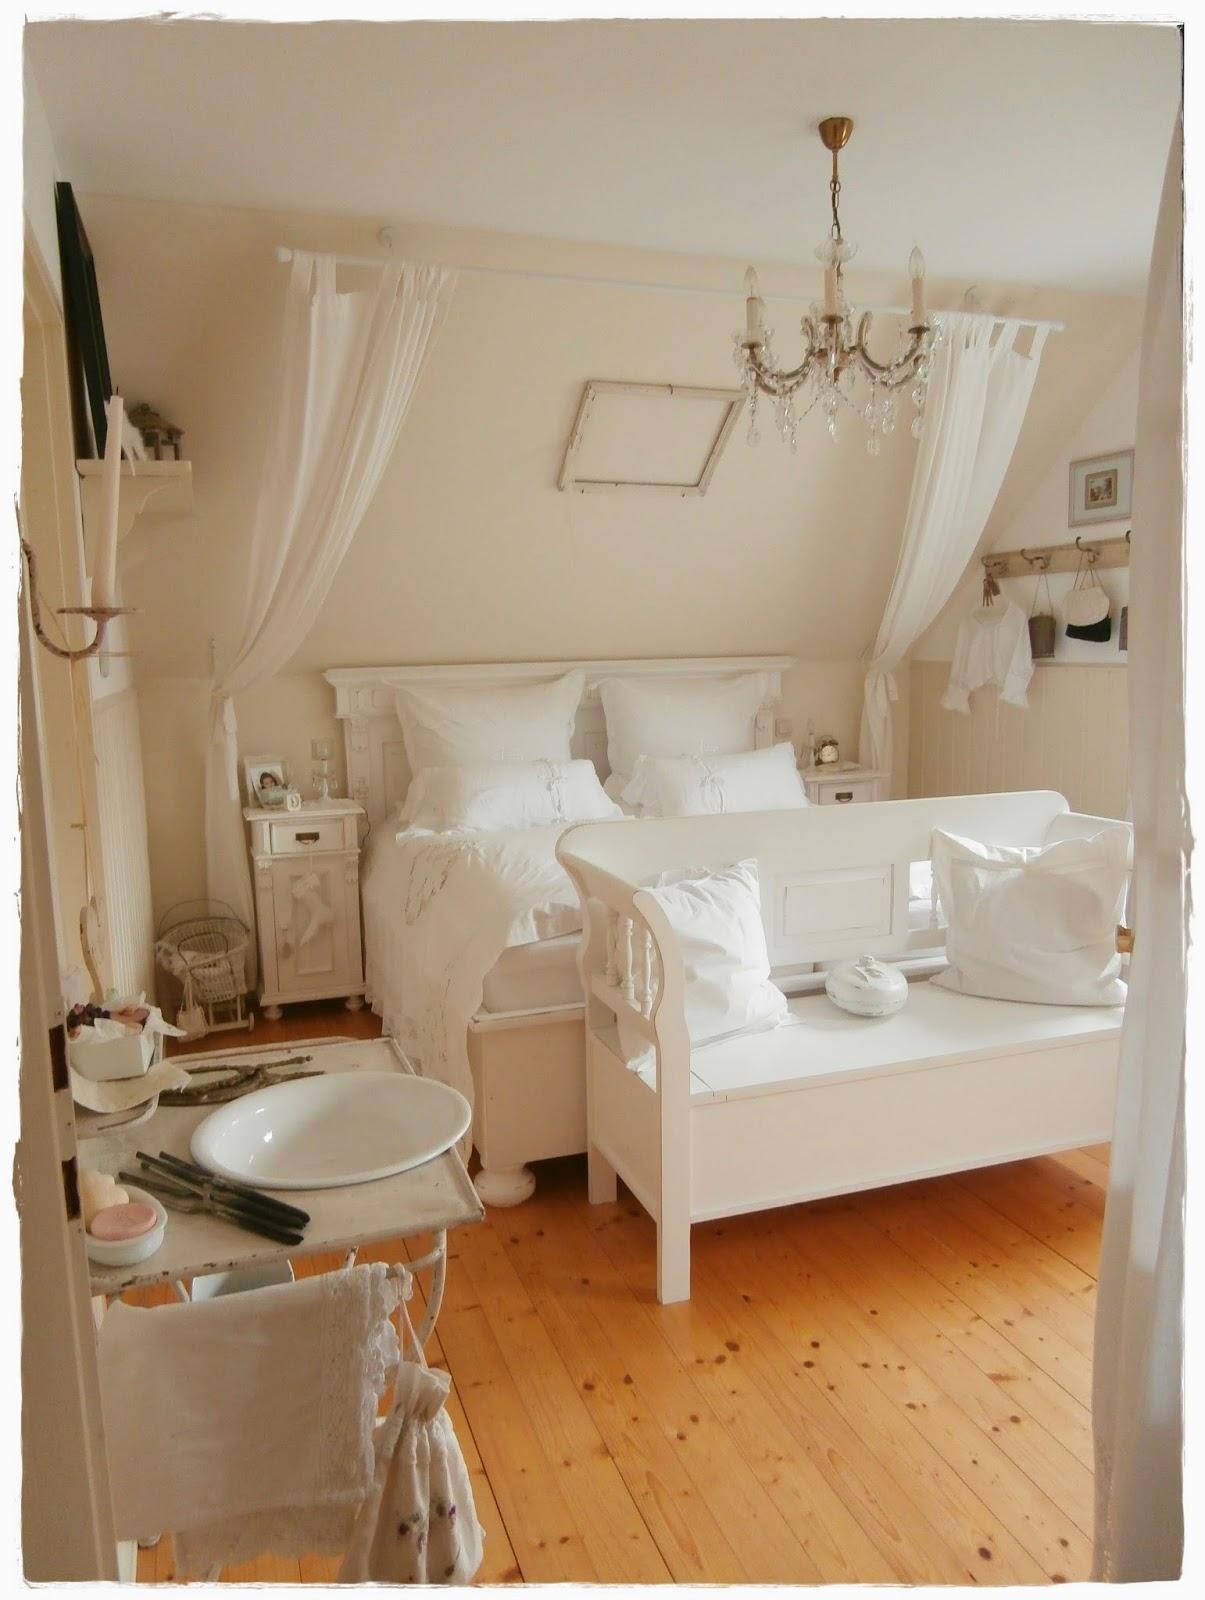 shabby schlafzimmer | bnbnews.co, Schlafzimmer entwurf